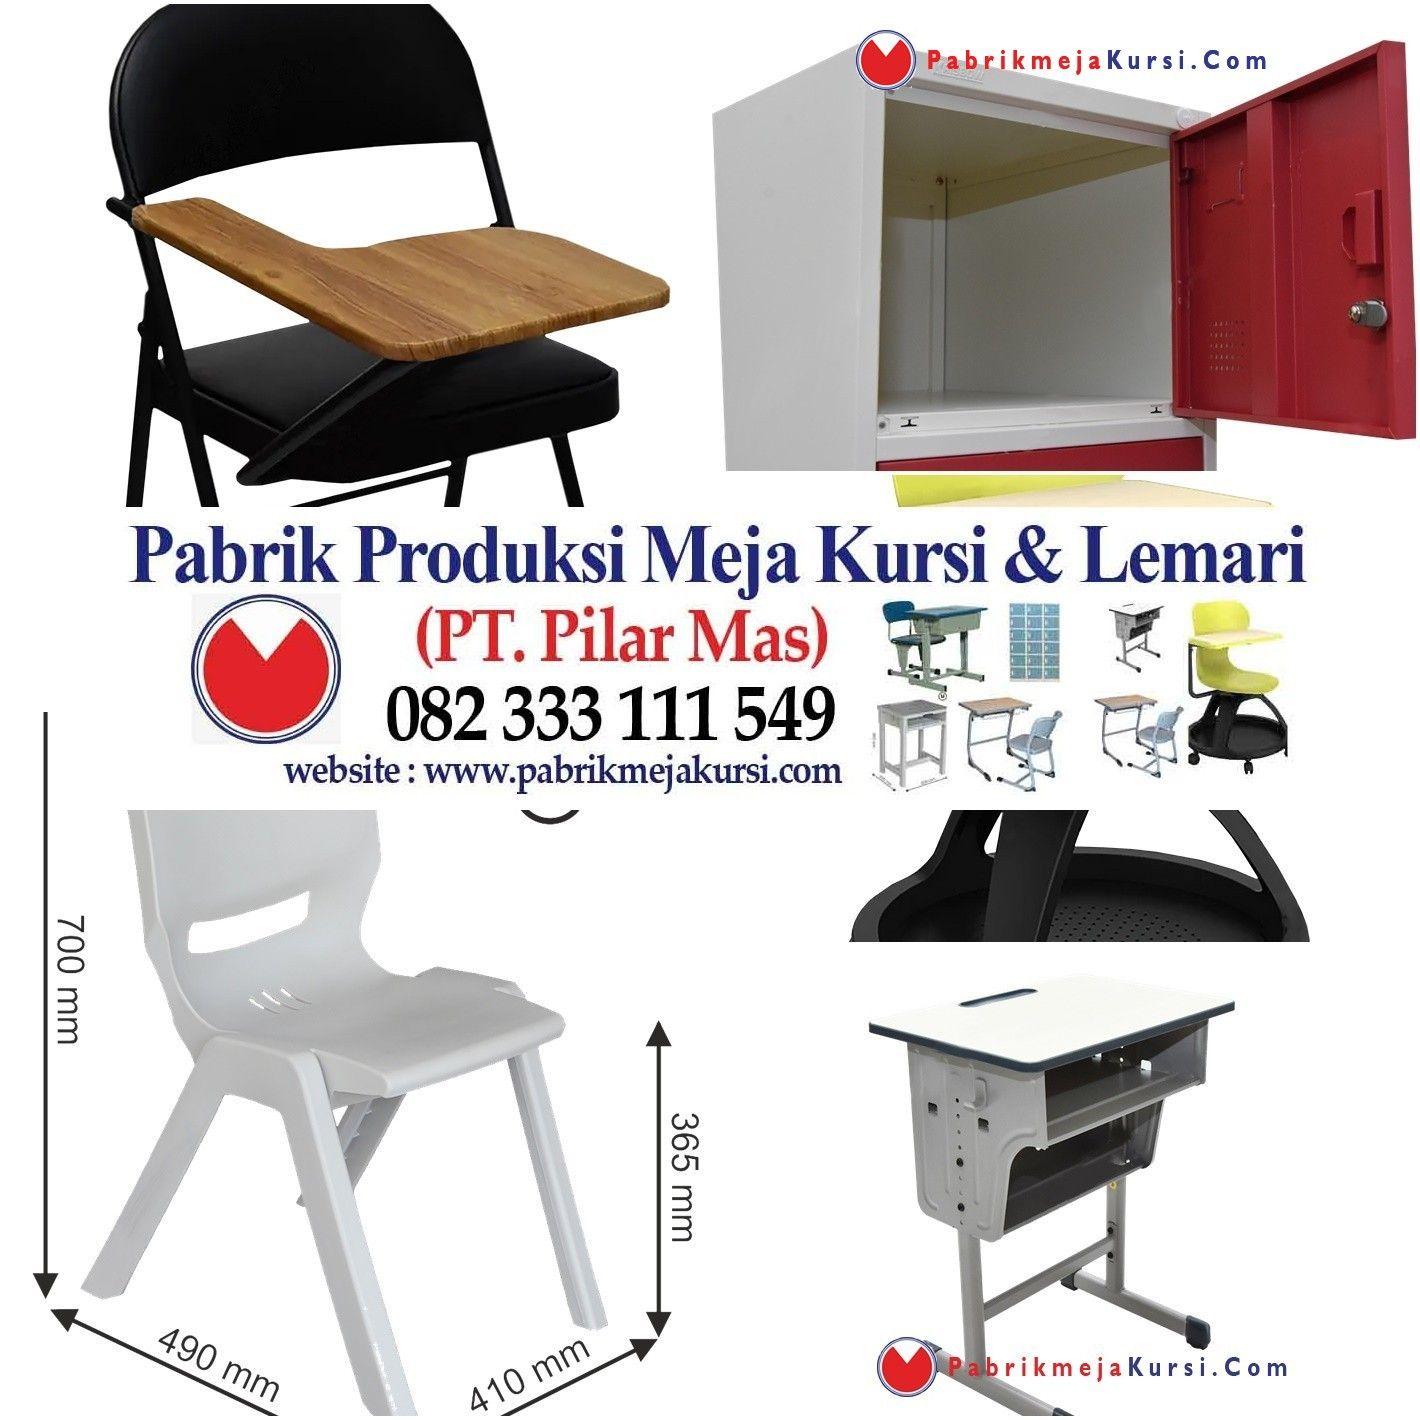 082333111549 Harga meja kerja aluminium Brankas lemari